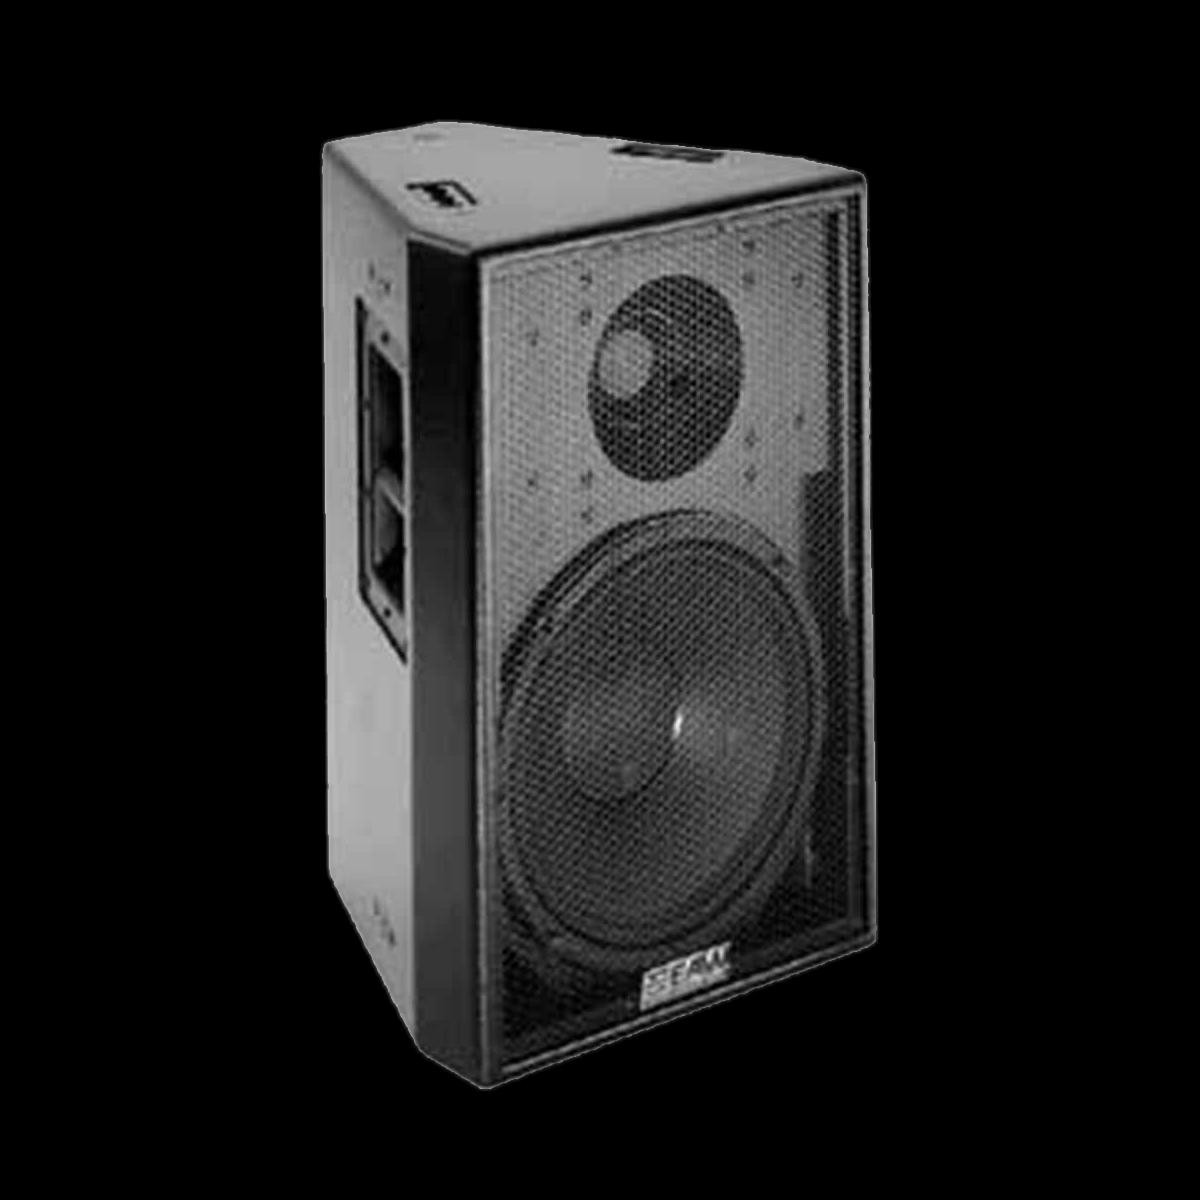 eaw jf jf200 luidsprekerhoes baseline